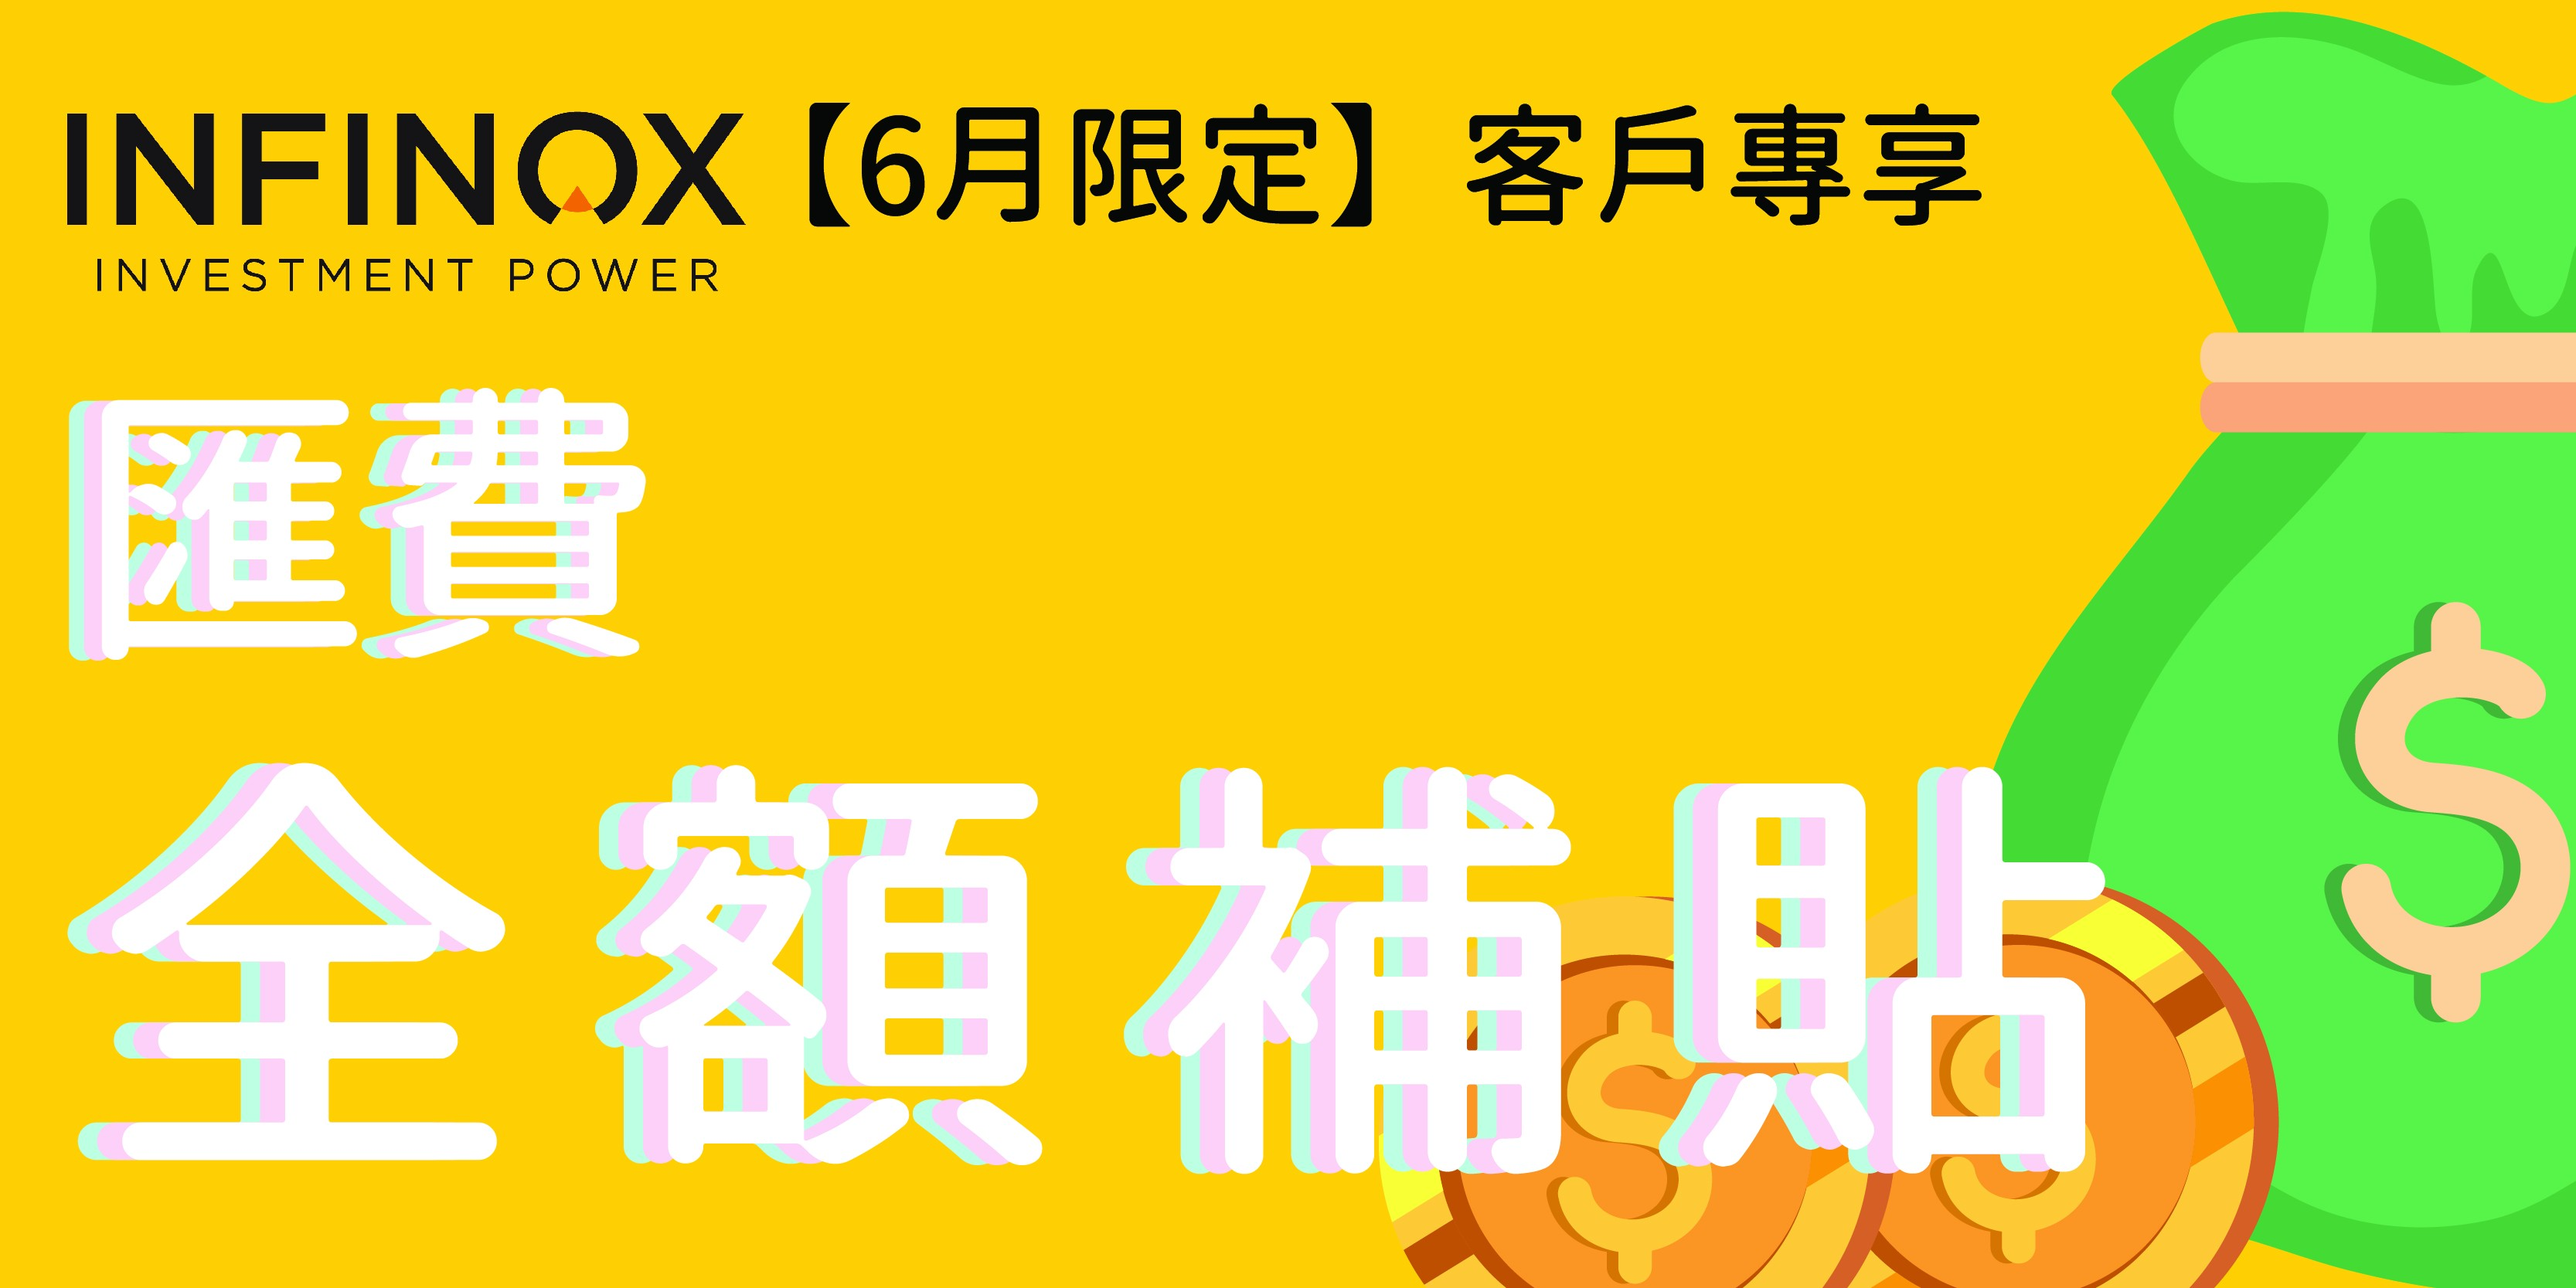 [Infinox英諾臺灣專屬6月優惠] 匯費全額補貼. 身在臺灣的你有福了!Infinox 向臺灣客戶派發福利包,匯費全額 ...